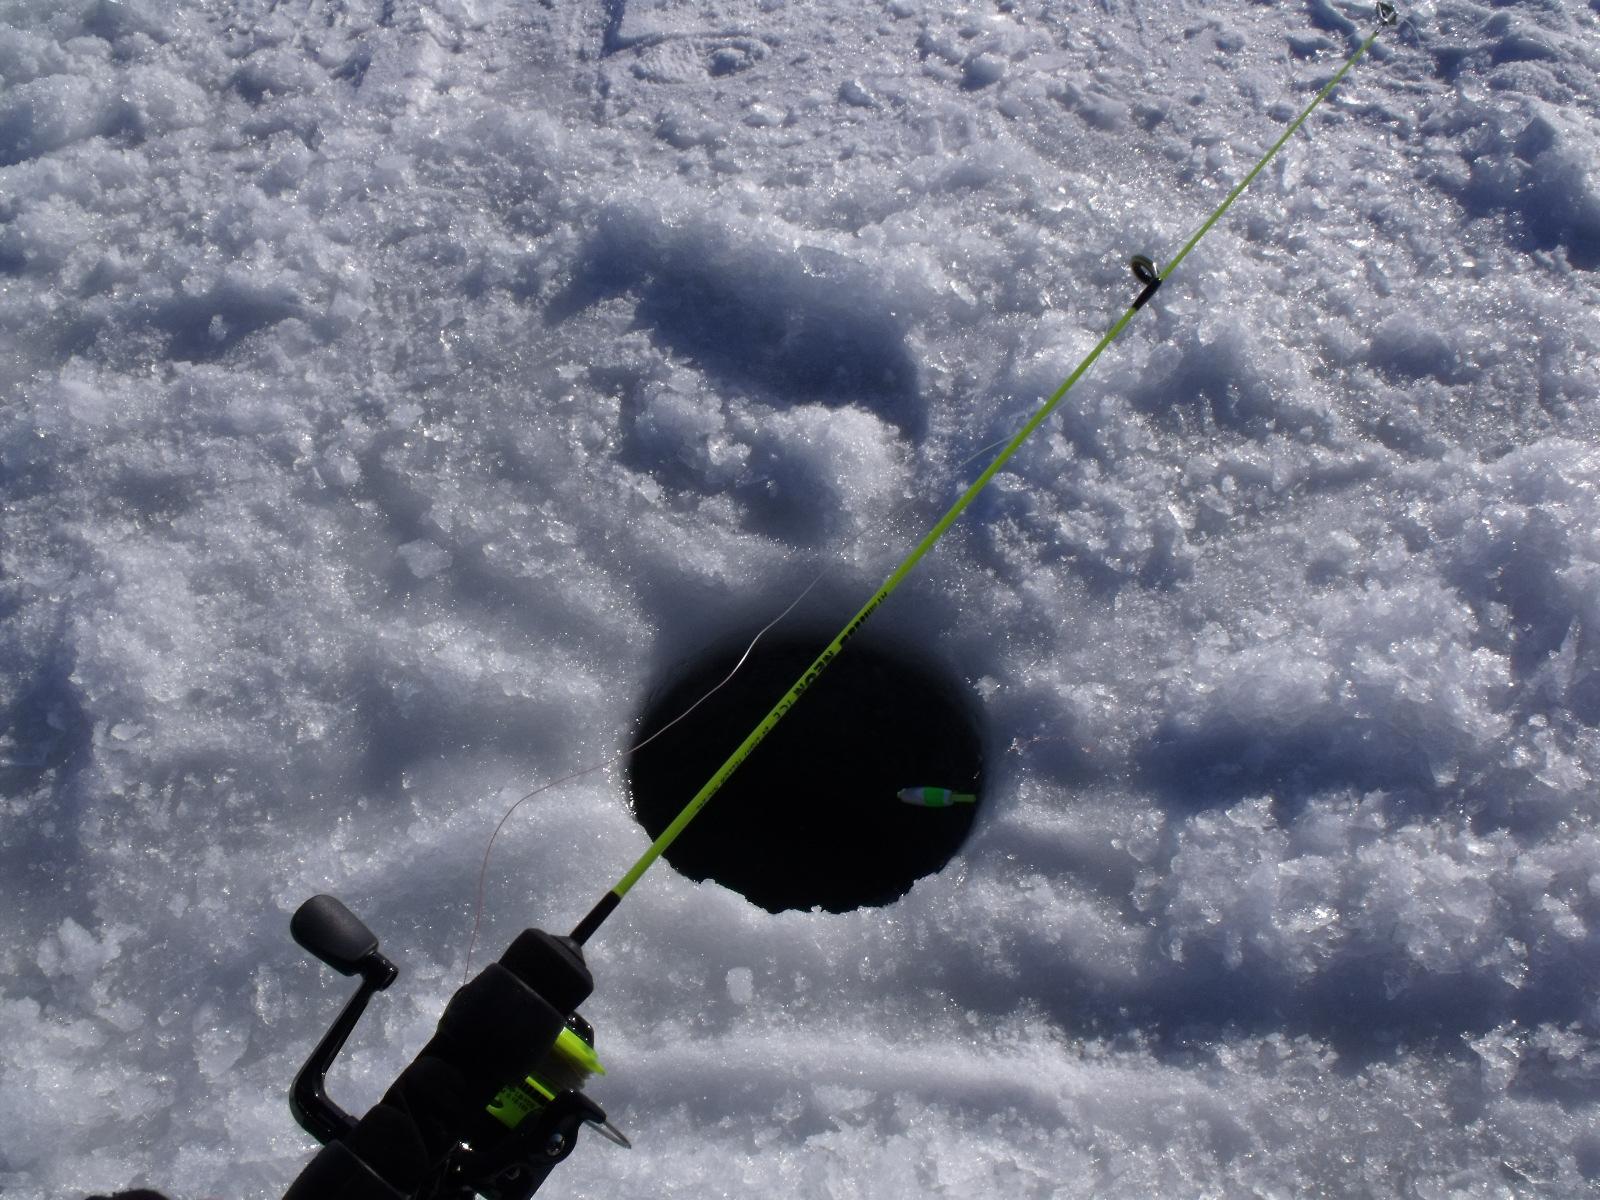 ice fishing hole - photo #16